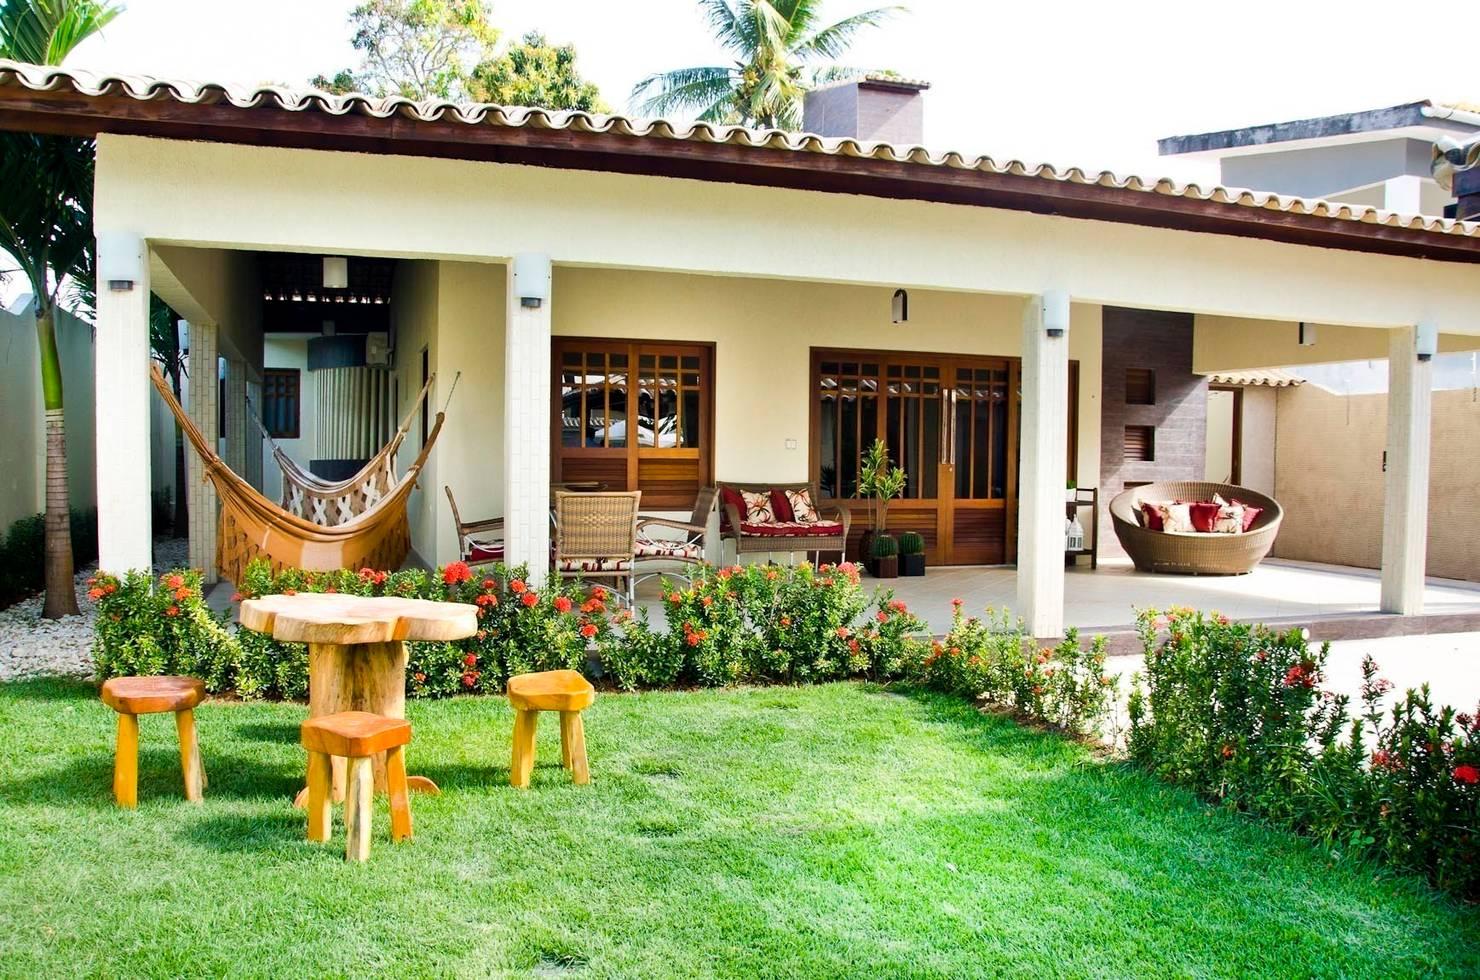 21 jardins maravilhosos em casas rústicas para te inspirar a criar o seu